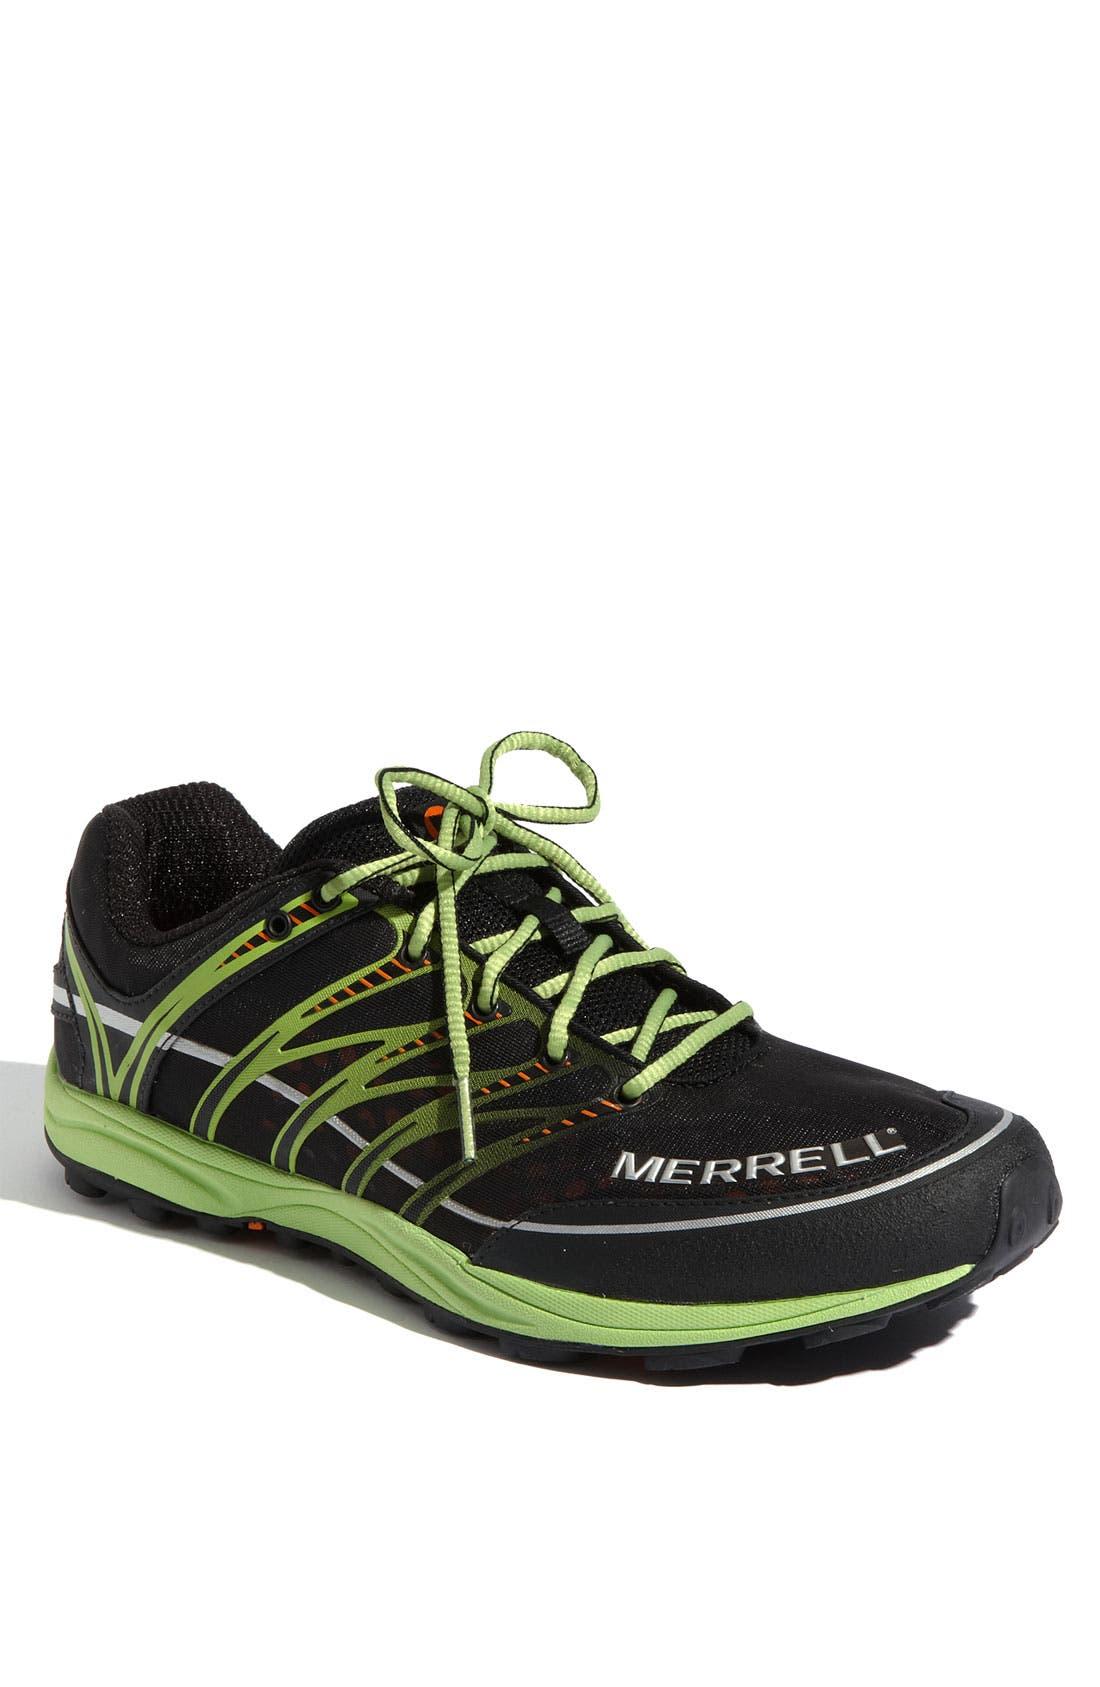 Main Image - Merrell 'Mix Master' Running Shoe